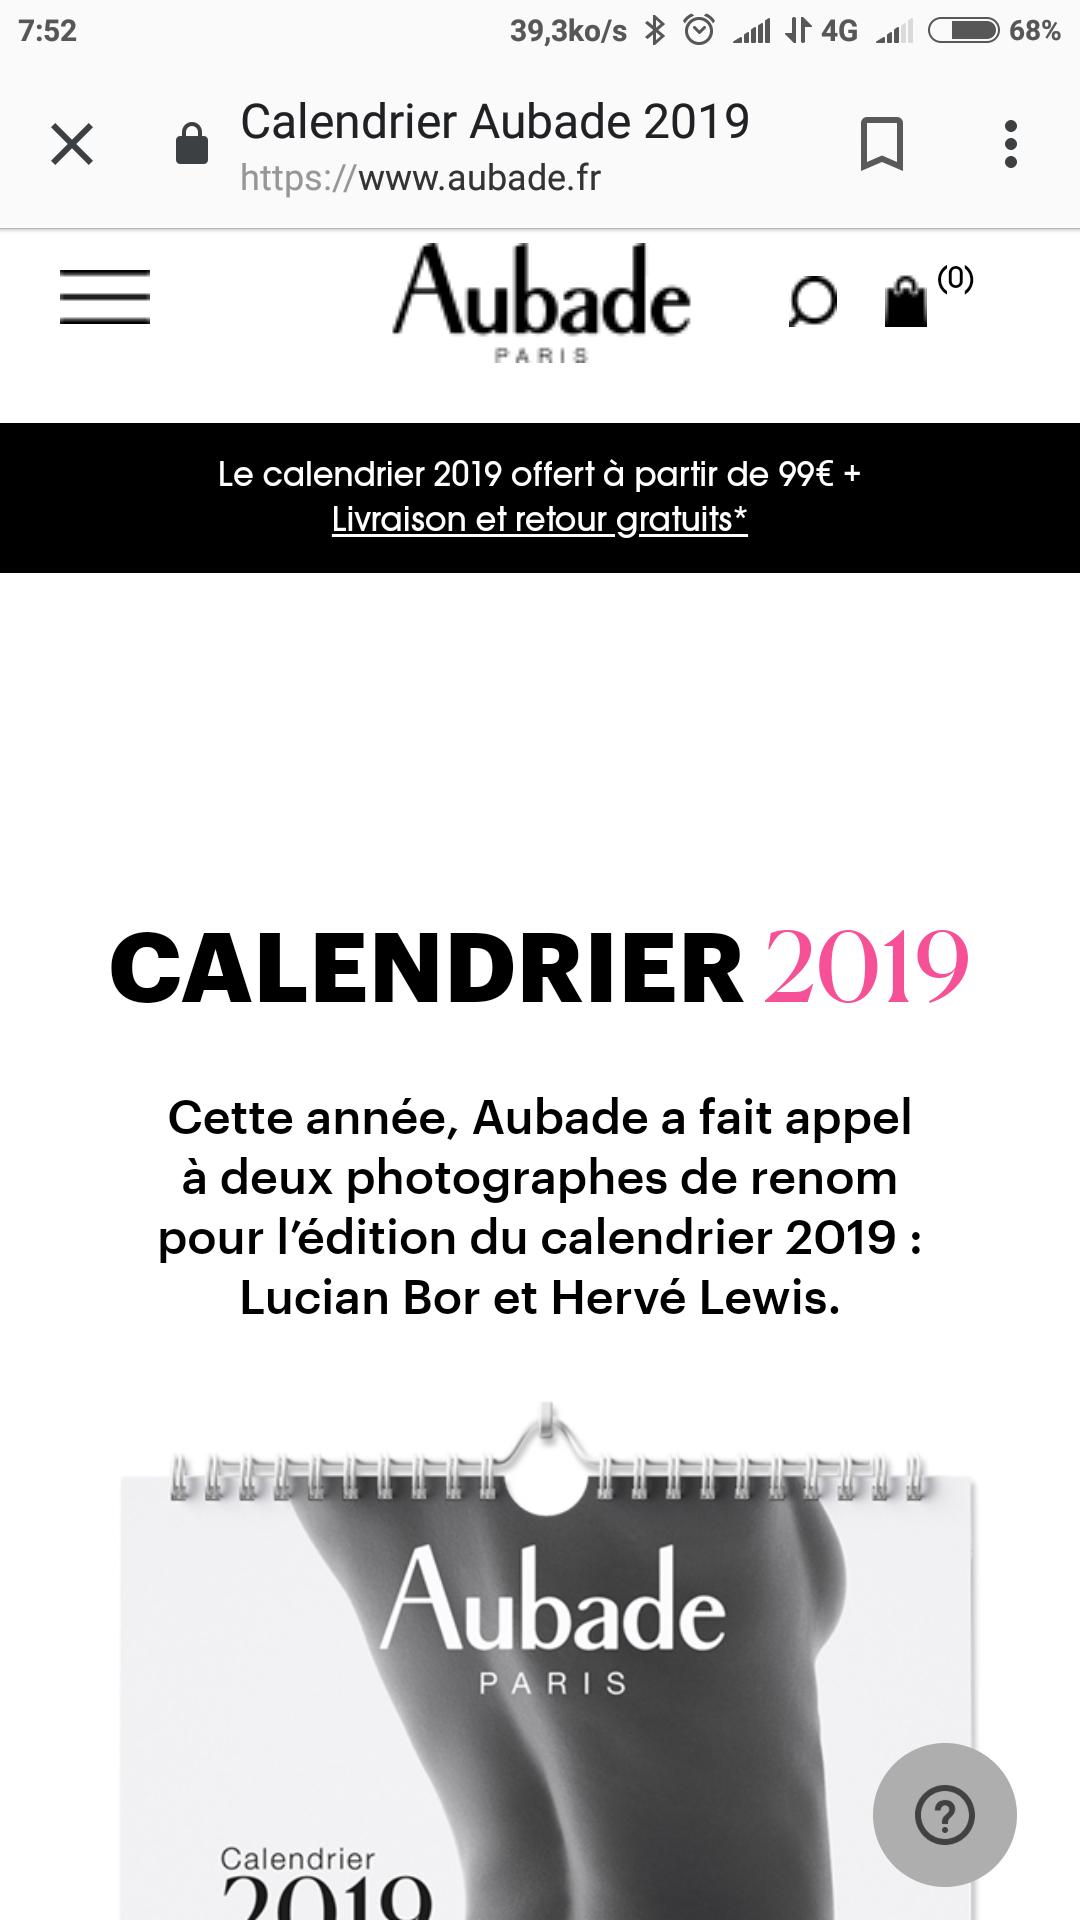 Achat Calendrier 2019.Calendrier Aubade 2019 Gratuit A Partir De 99 D Achat Fdp